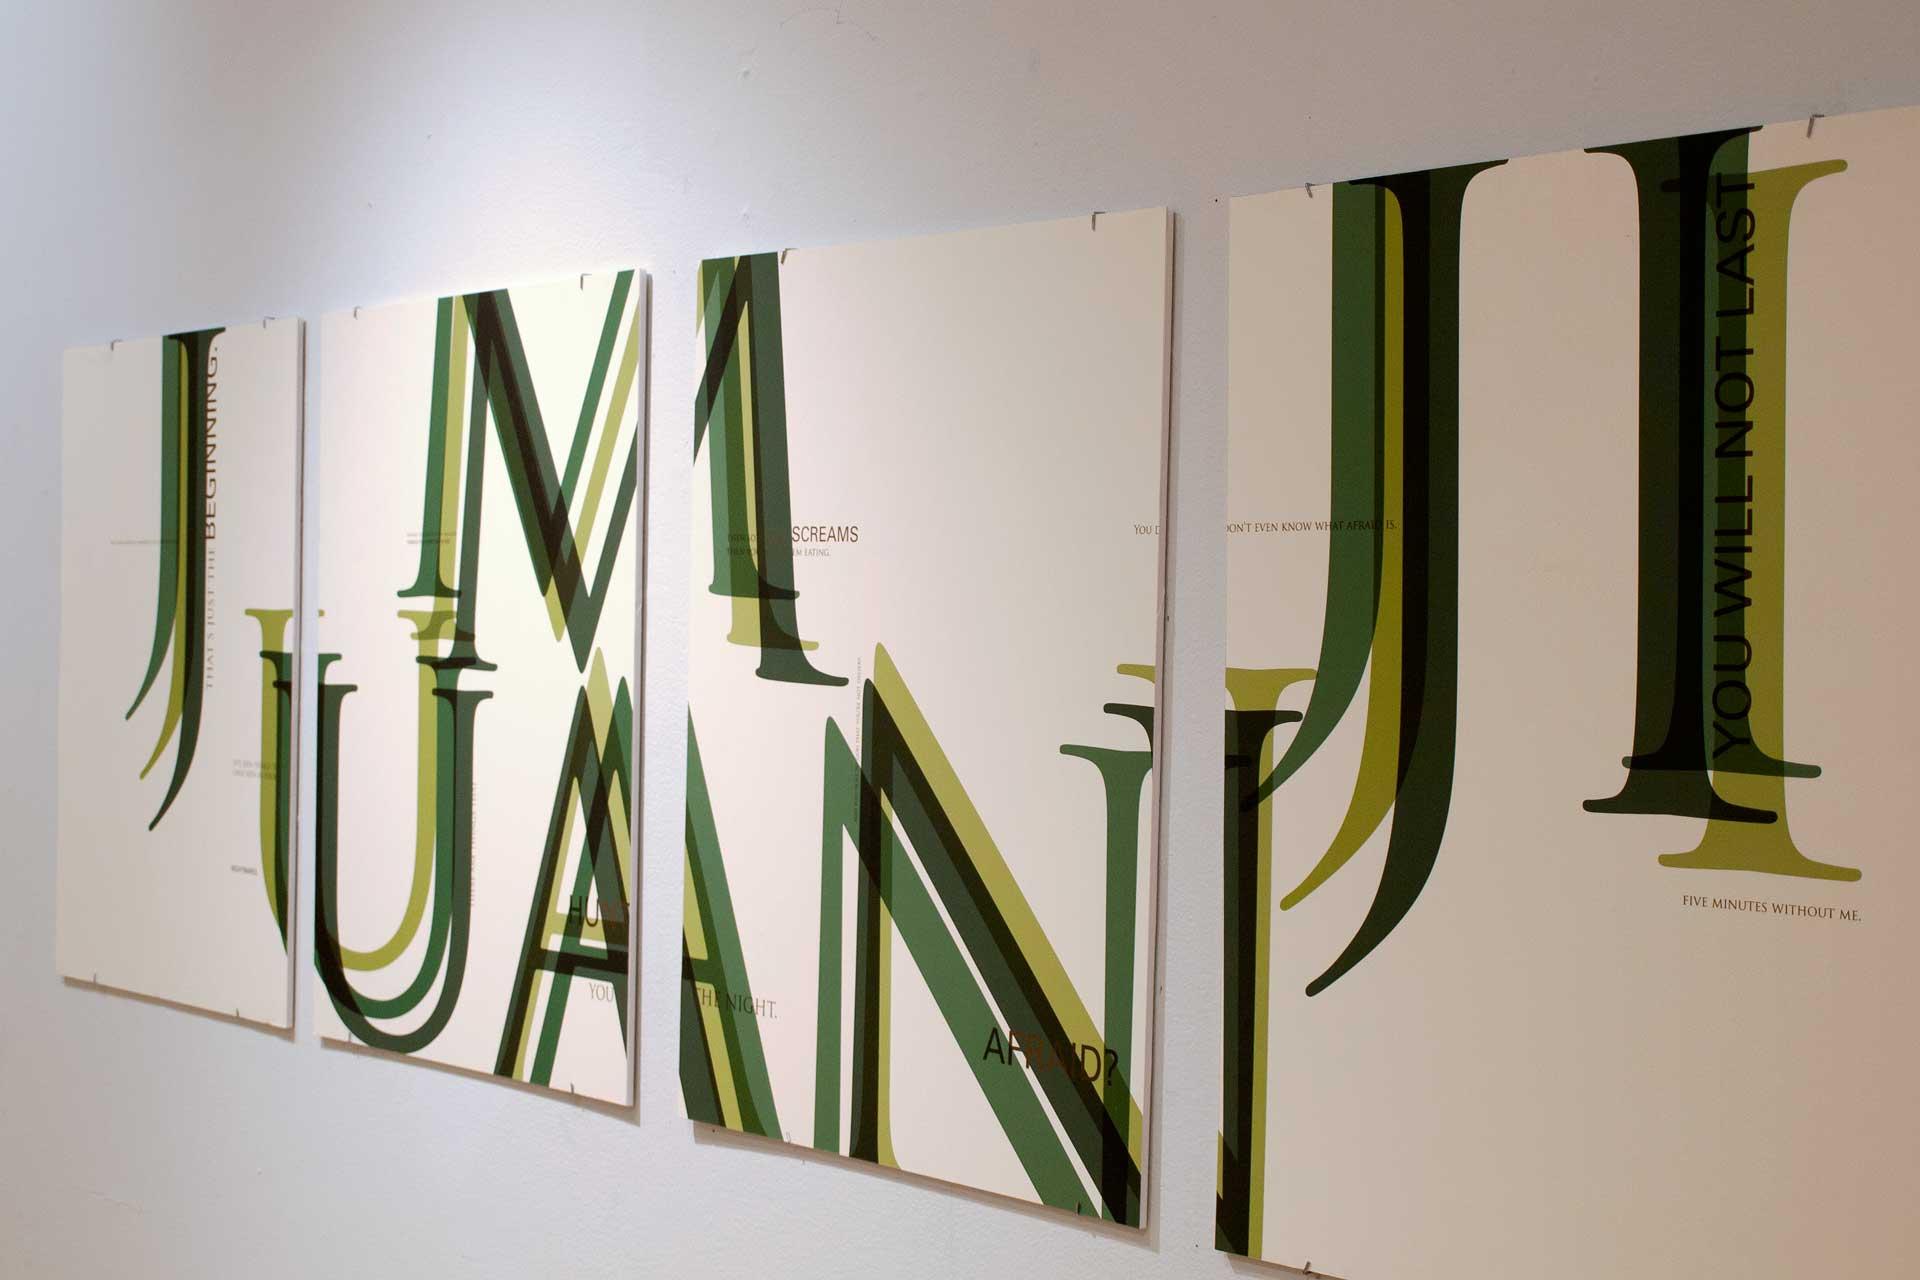 Jumanji Typopgraphic Poster